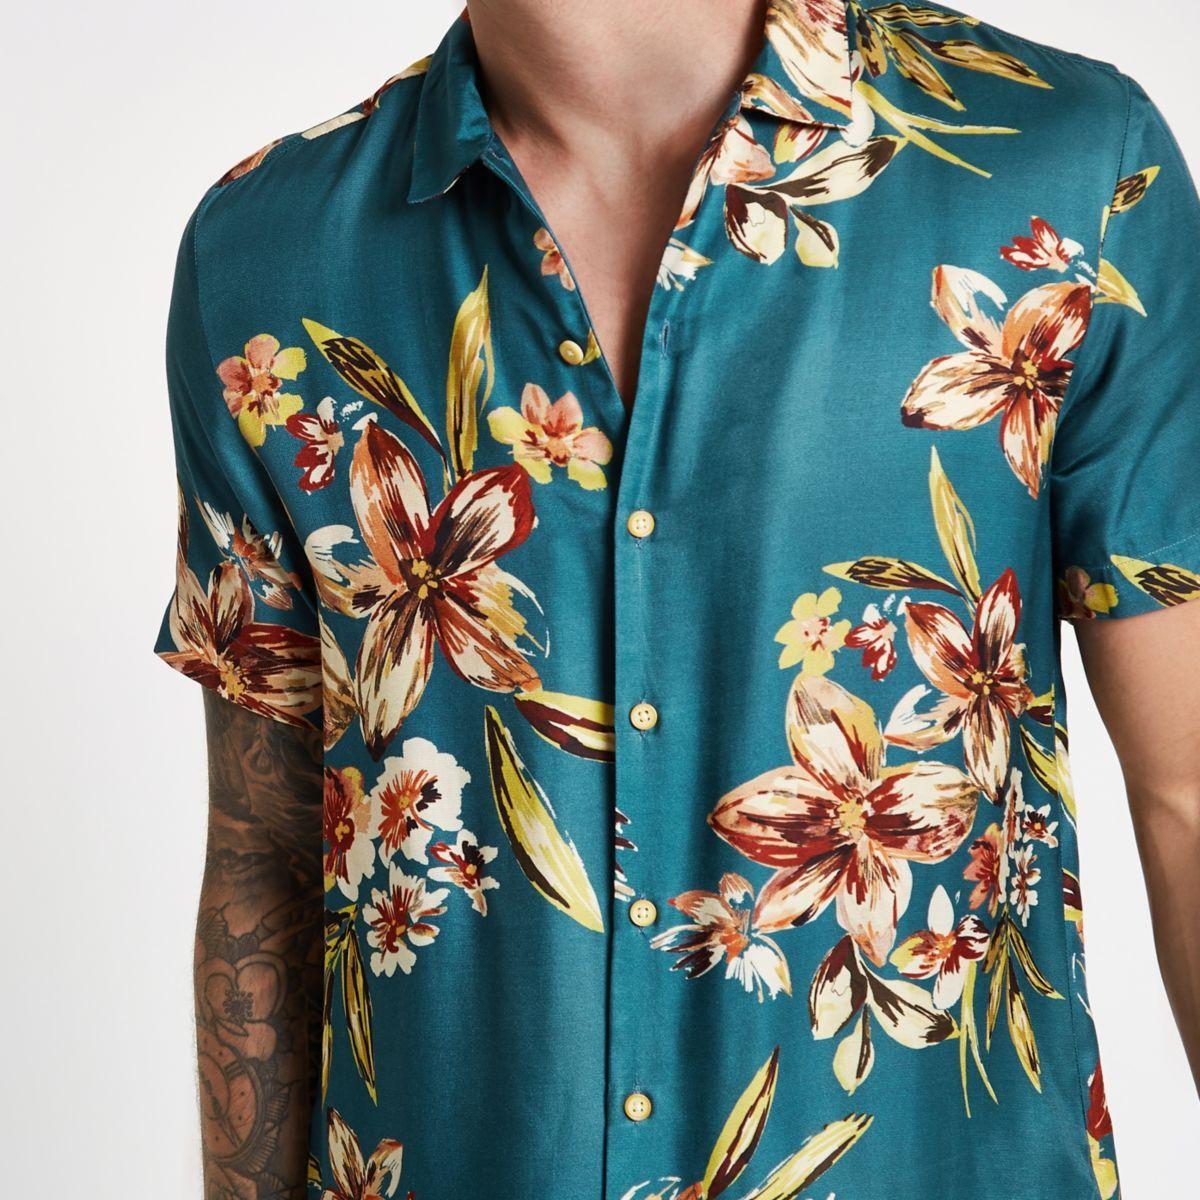 Men/'s Retro Beach Shirt Fashion Floral Print Short Sleeve Button Down Shirt New